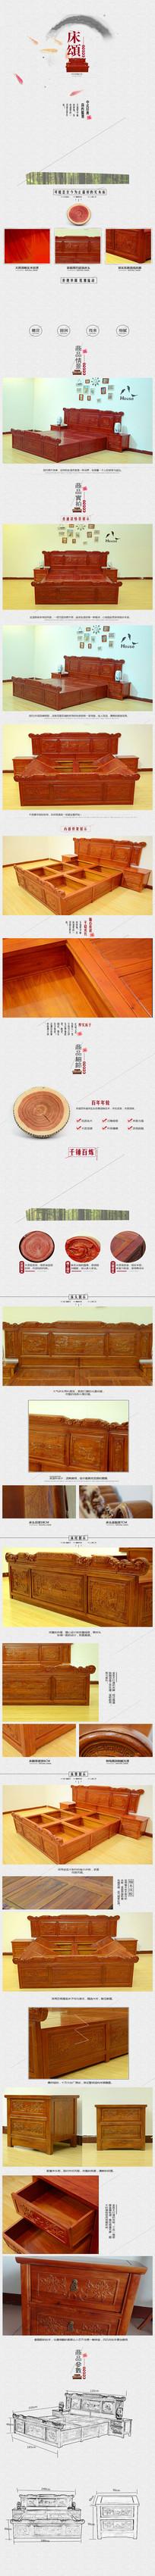 纸纹理中国风家具淘宝详情PSD分层